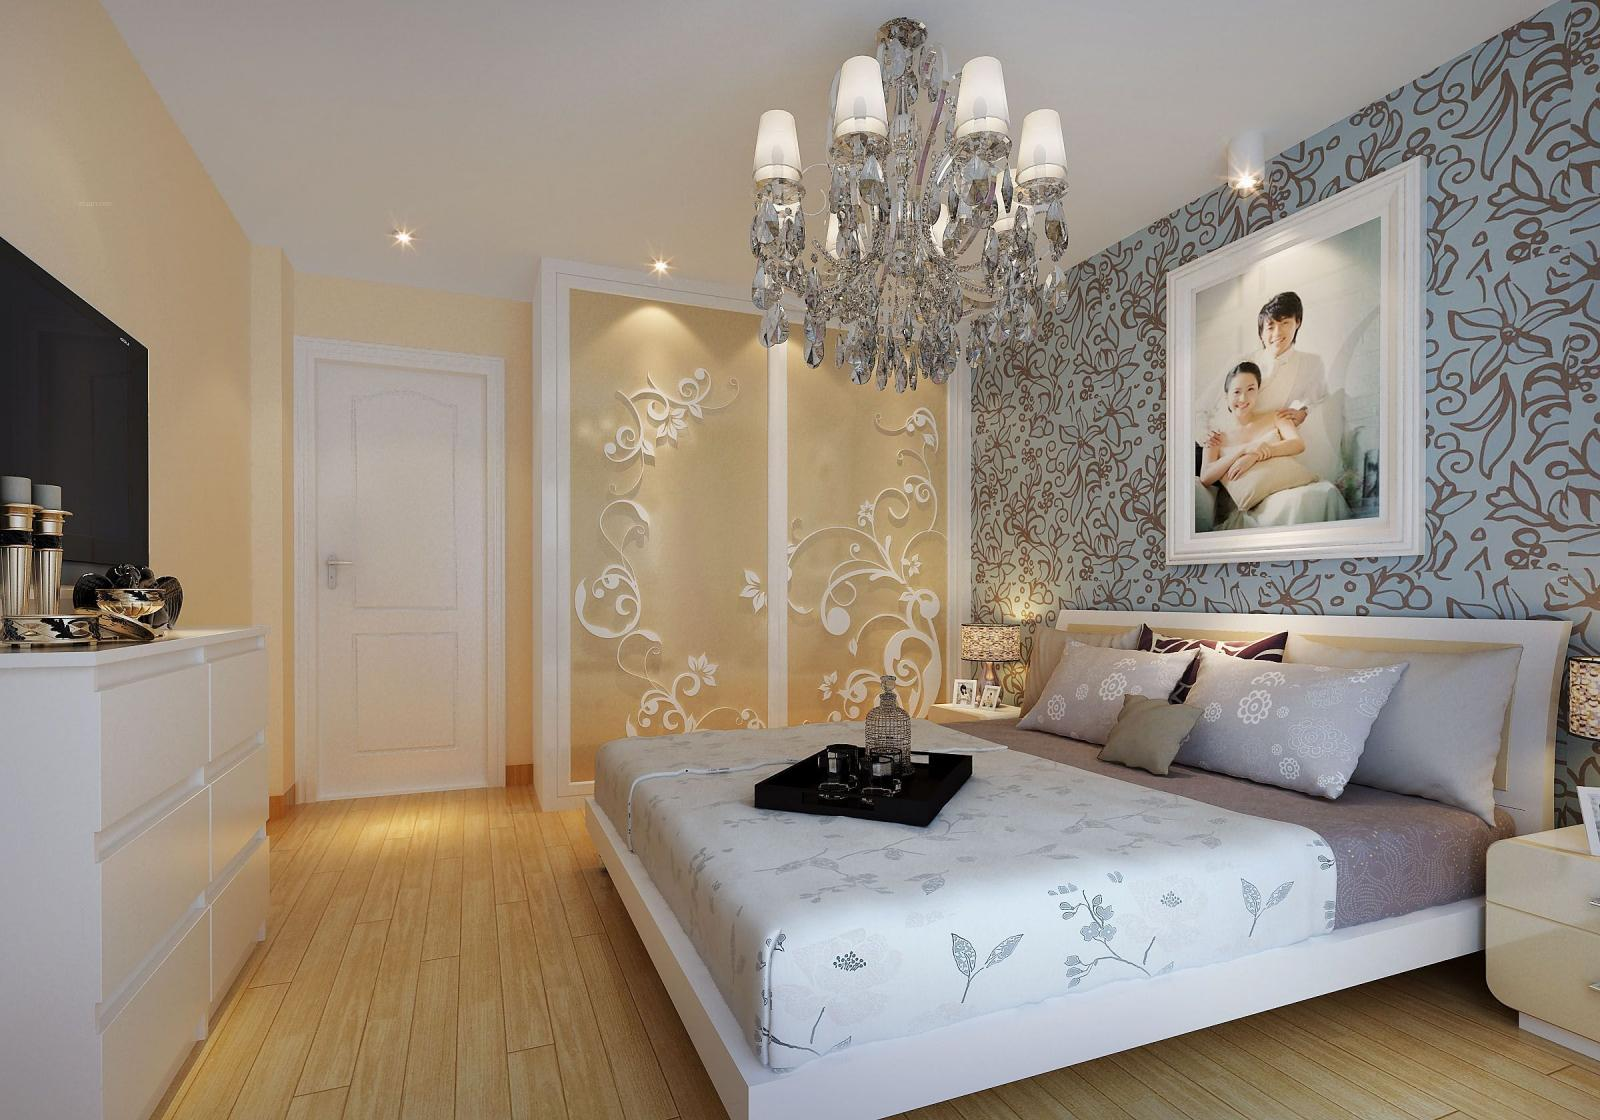 两室两厅简欧风格卧室_大富绿洲装修效果图图片